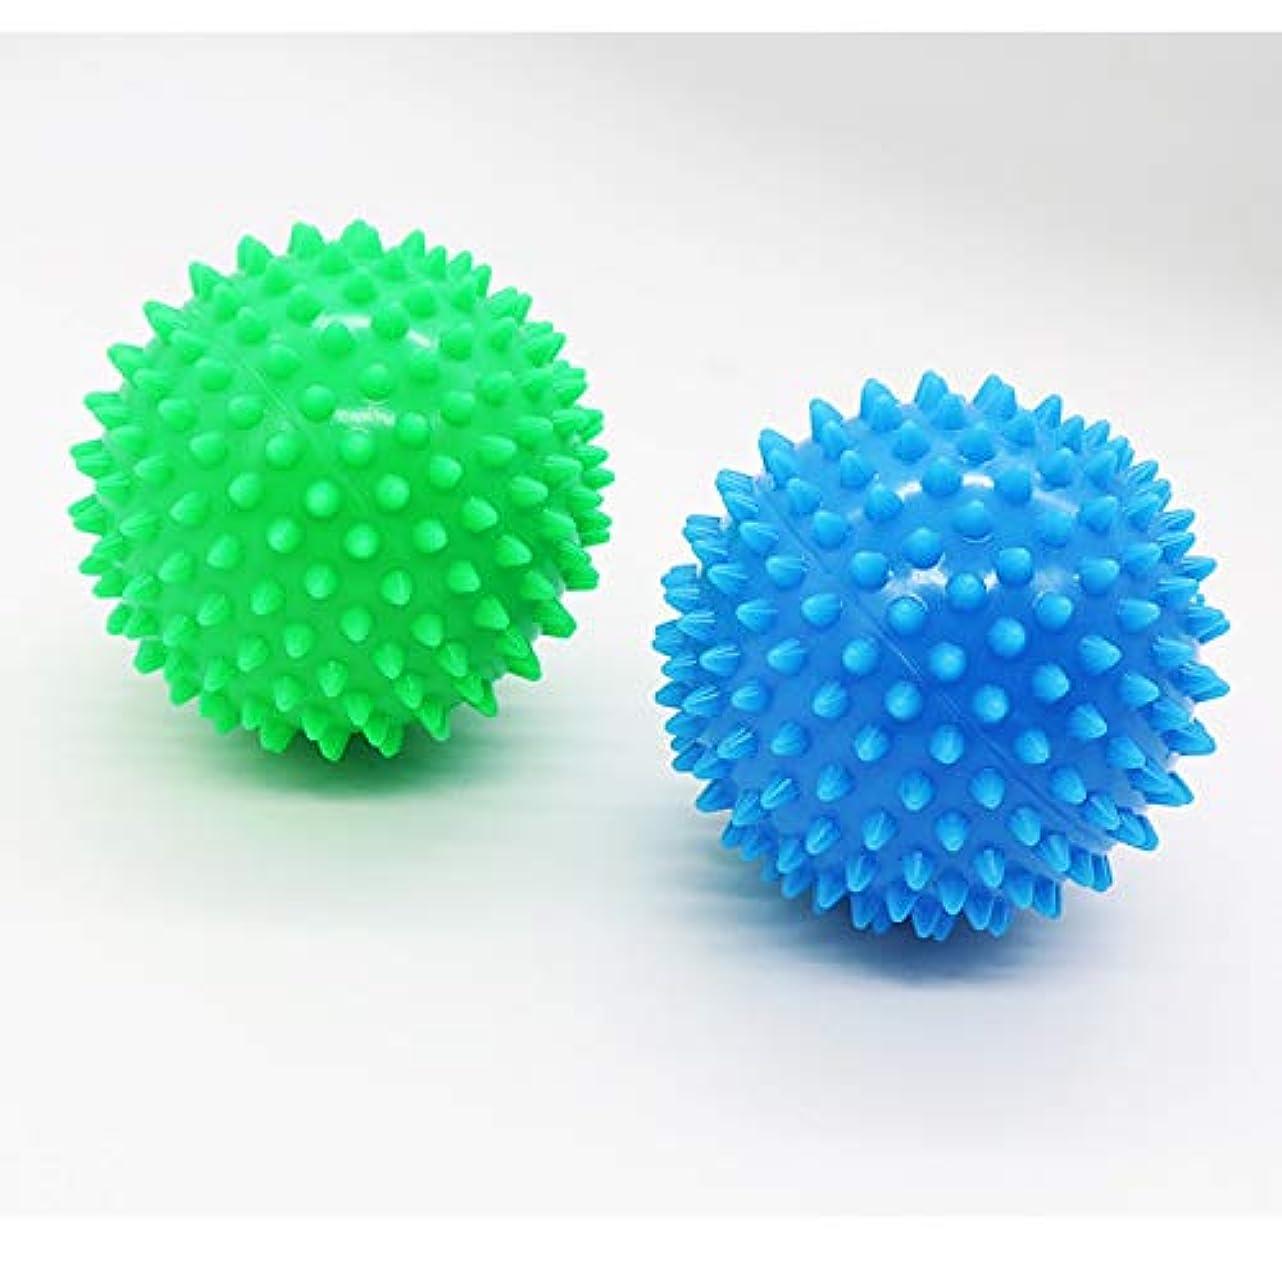 リテラシー空中無臭Dreecy マッサージボール(2個セット)触覚ボール リフレックスボール トレーニングボール  ポイントマッサージ 筋筋膜リリース 筋肉緊張和らげ 血液循環促進 9cm(青+緑)